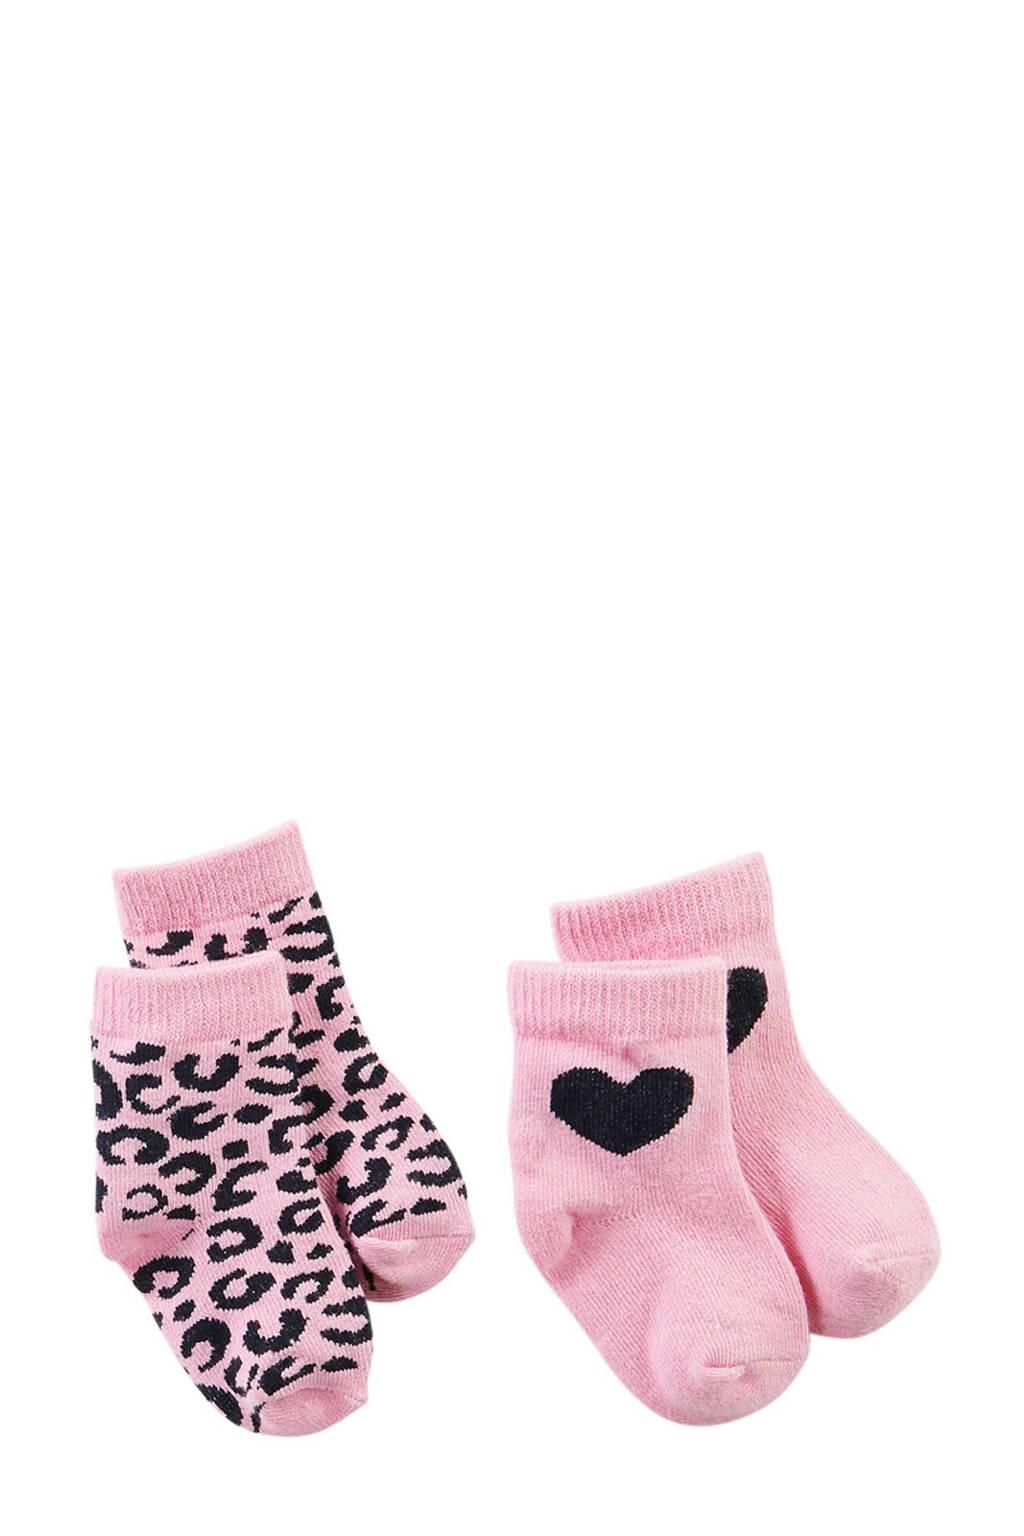 Z8 newborn baby sokken -  set van 2, Roze